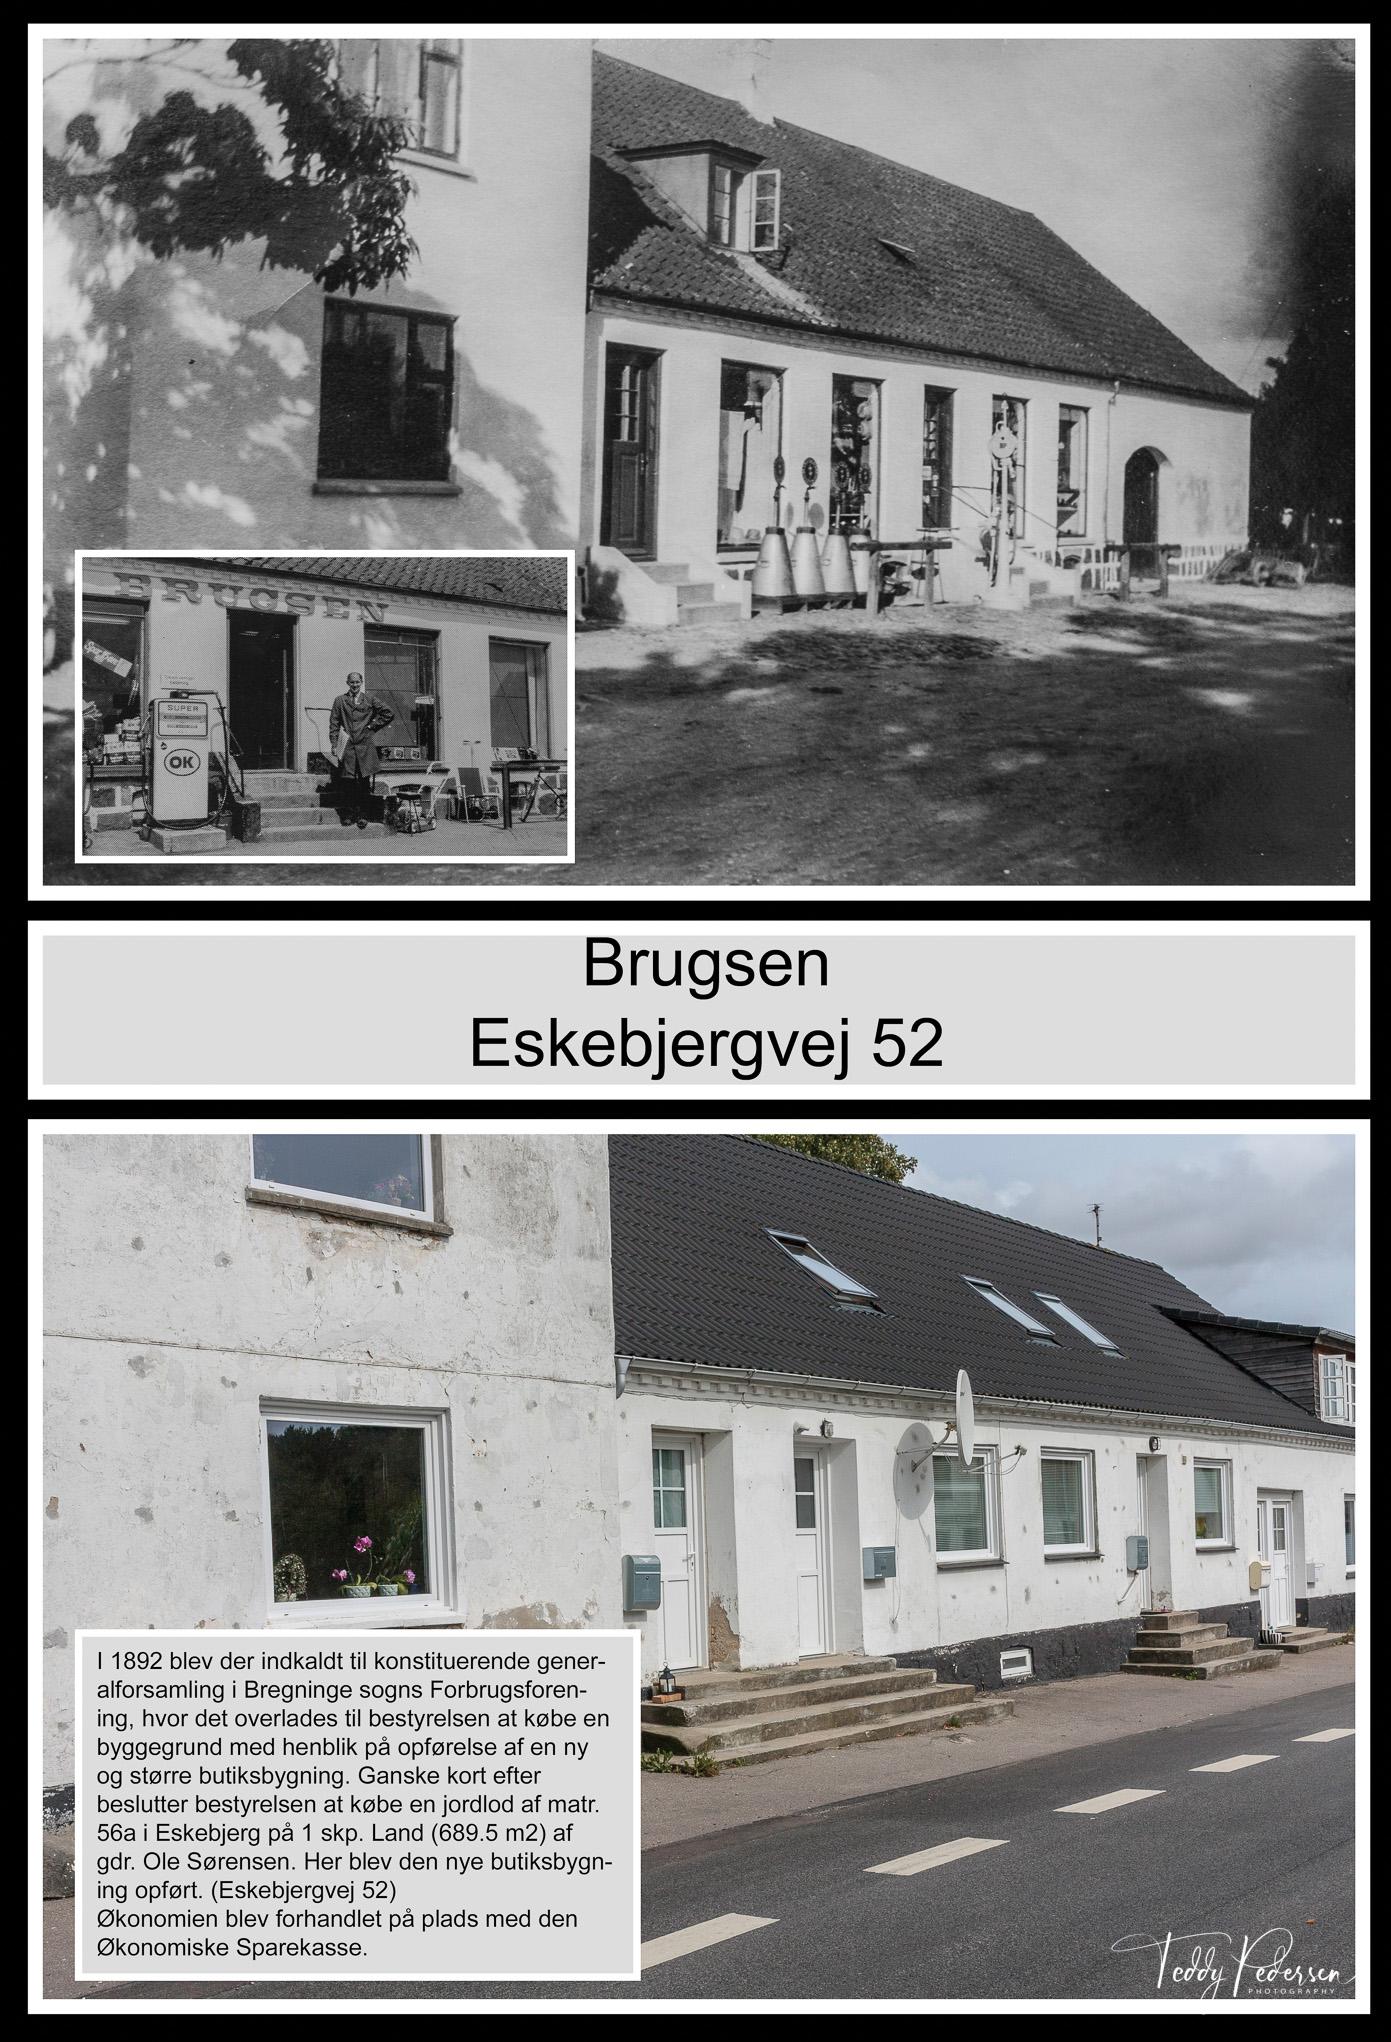 020-012-Gl-Brugs-Eskebjergvej-52_HighRes_LowRes